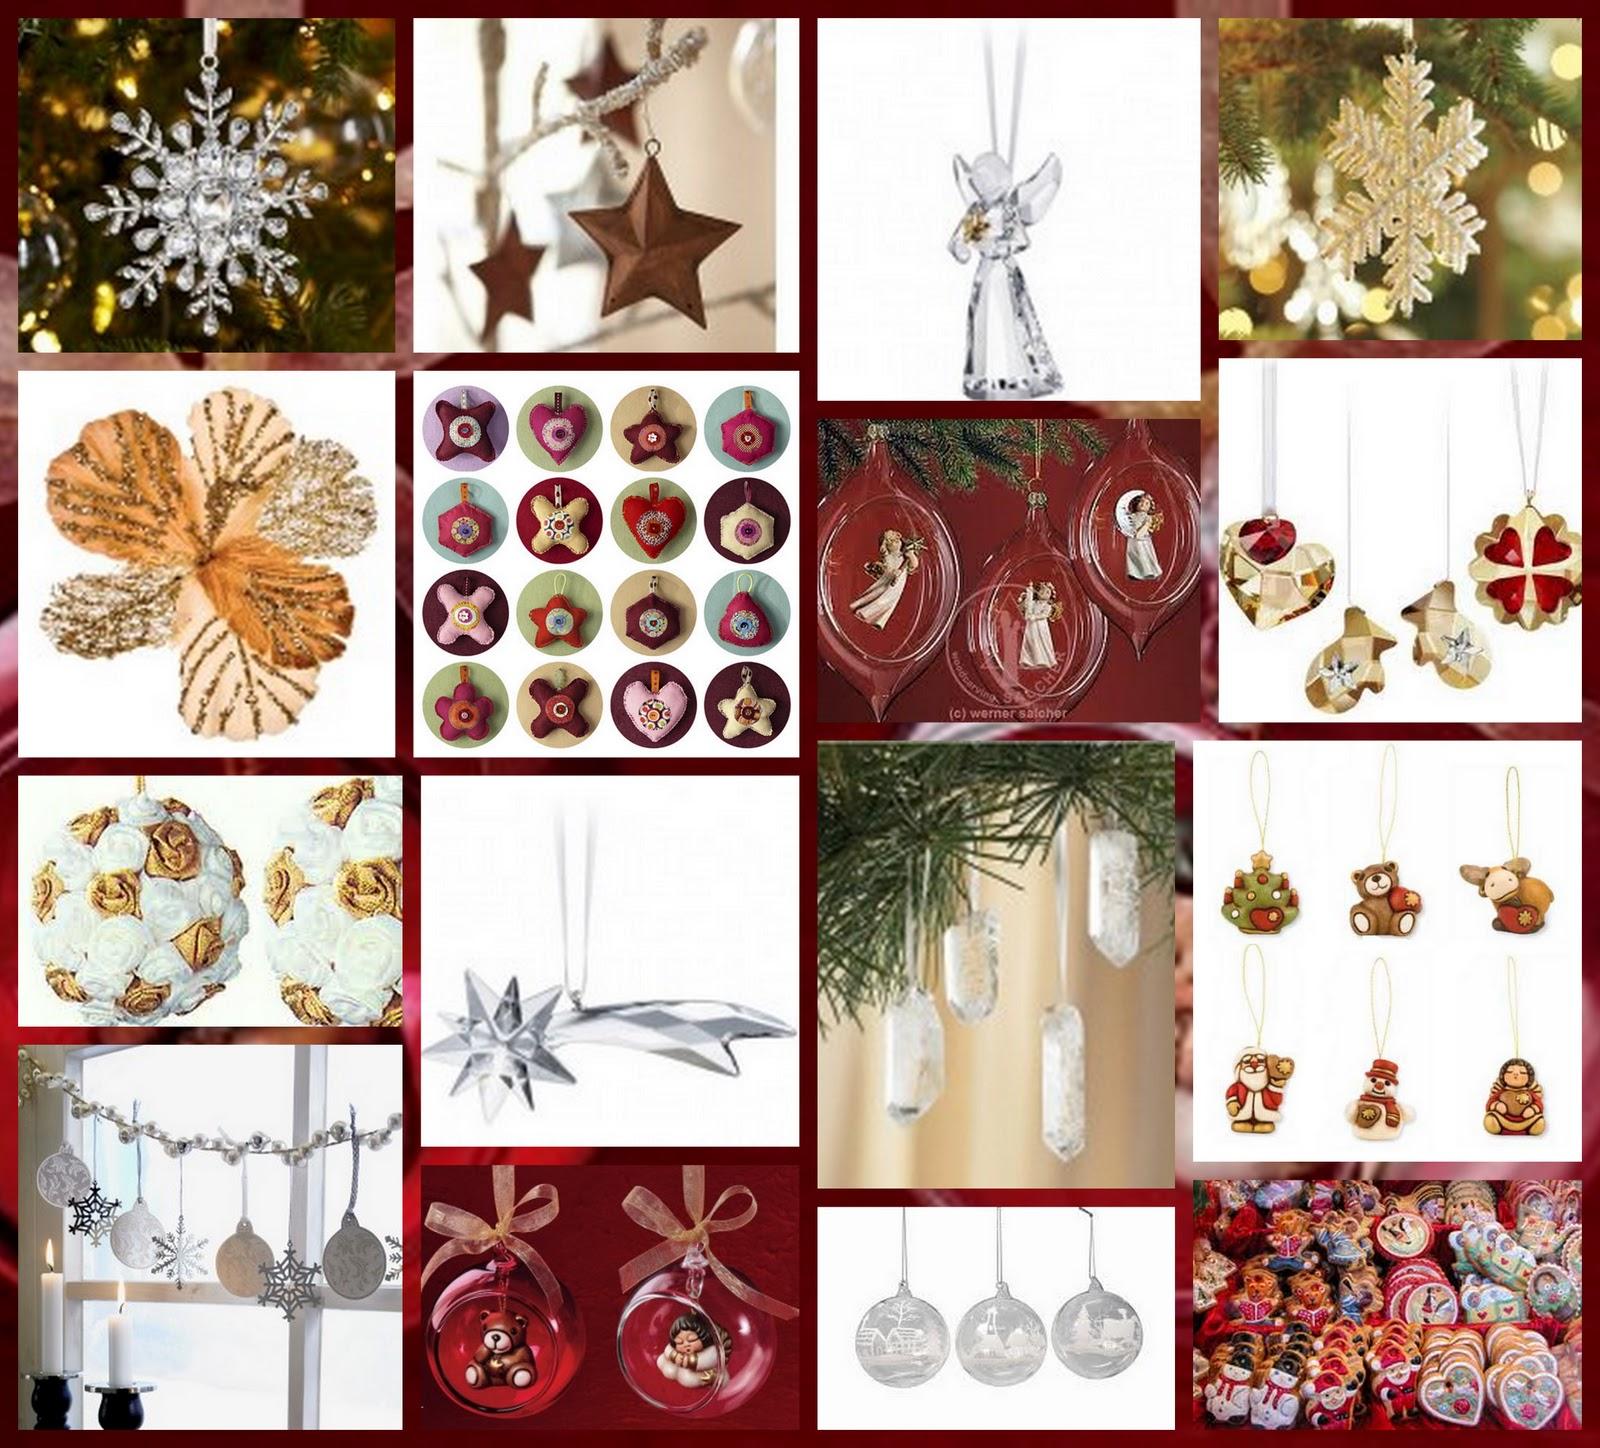 Fantasie di natale addobbi natalizi moda e tendenze - Addobbi natalizi per finestre ...